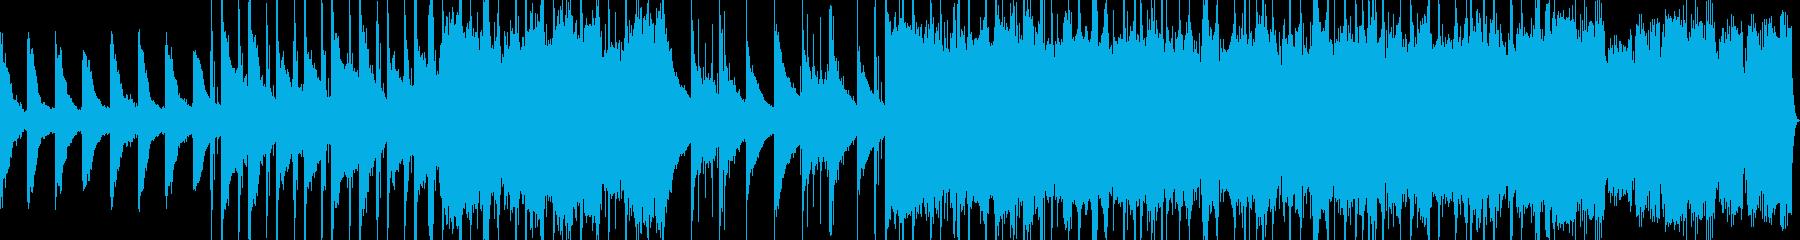 仕事・読書・睡眠・癒し・ピアノ・lofiの再生済みの波形